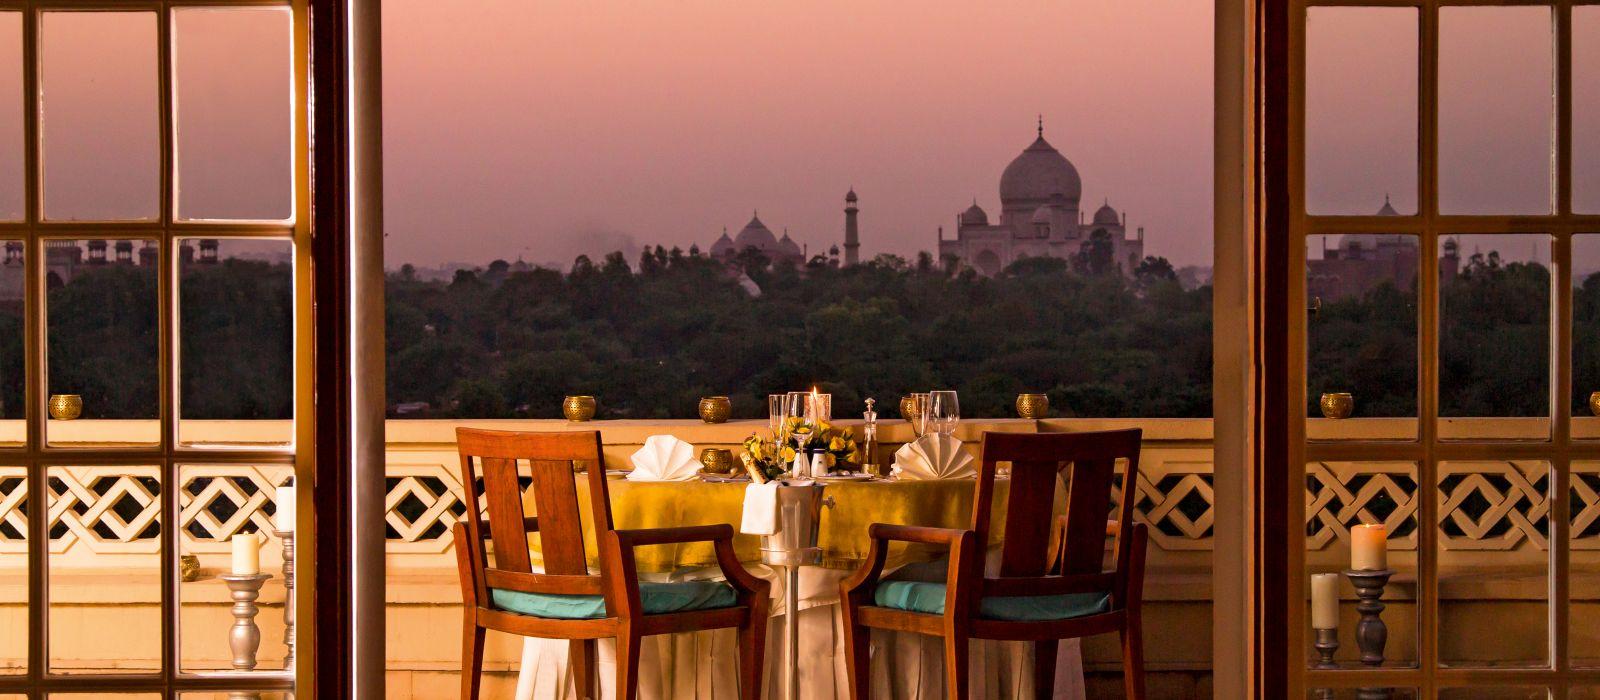 Oberoi Sommerangebot: Royales Rajasthan Urlaub 1